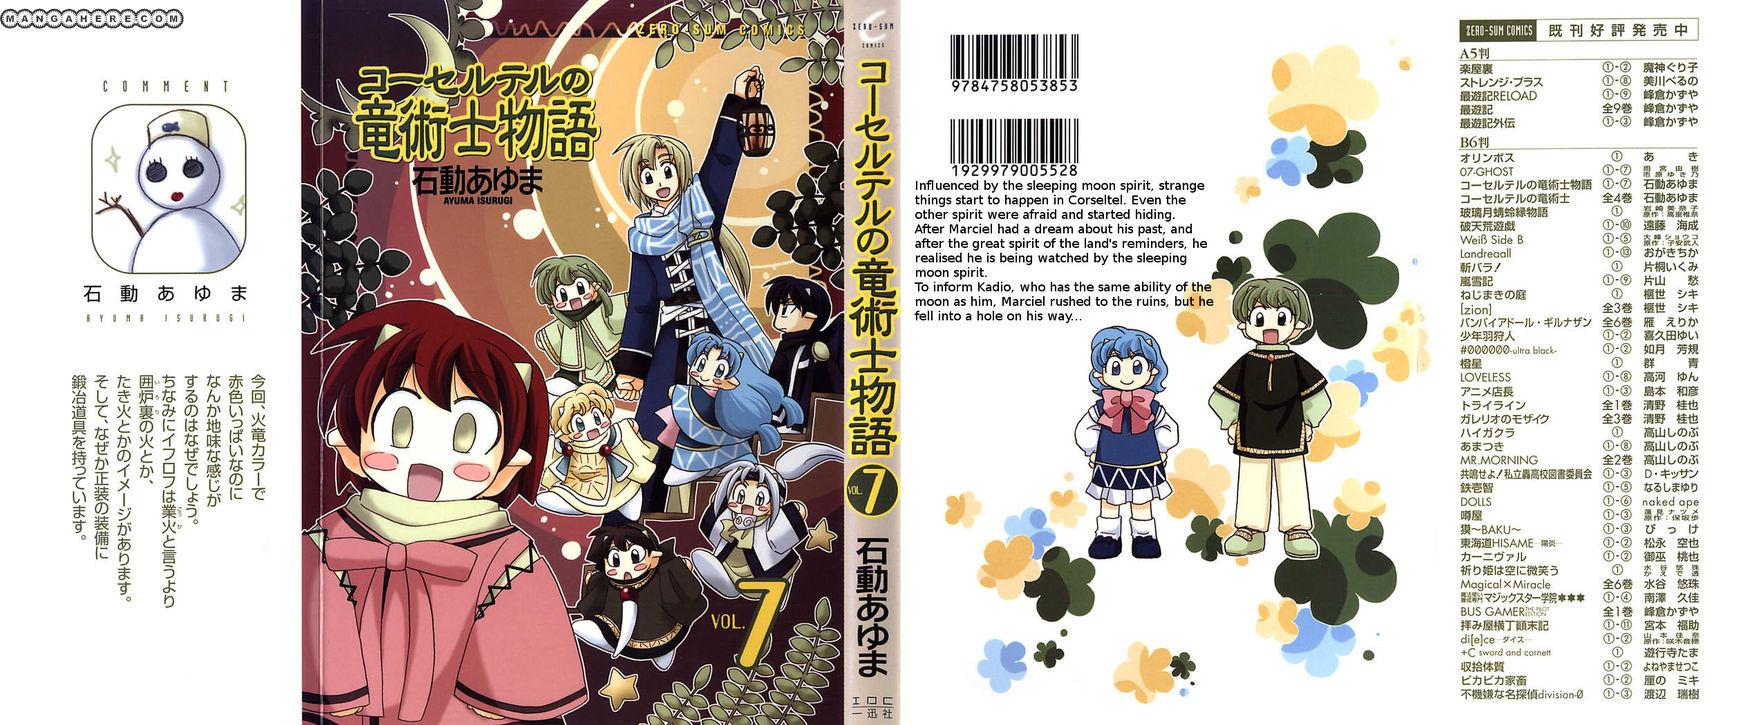 Corseltel No Ryuujitsushi Monogatari 46 Page 1